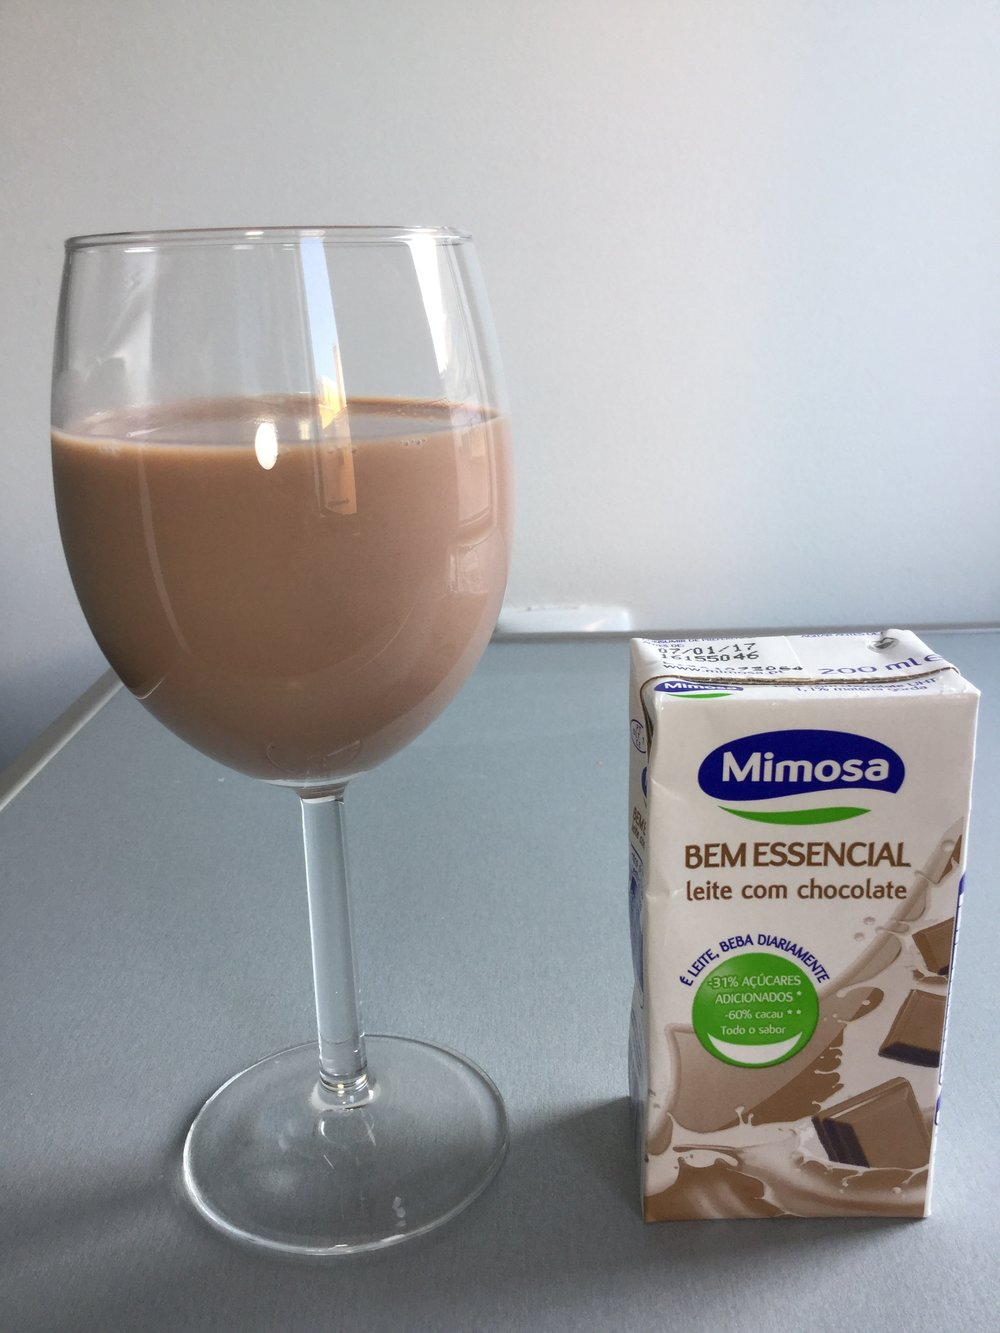 Mimosa Bem Essencial Leite Com Chocolate Cup